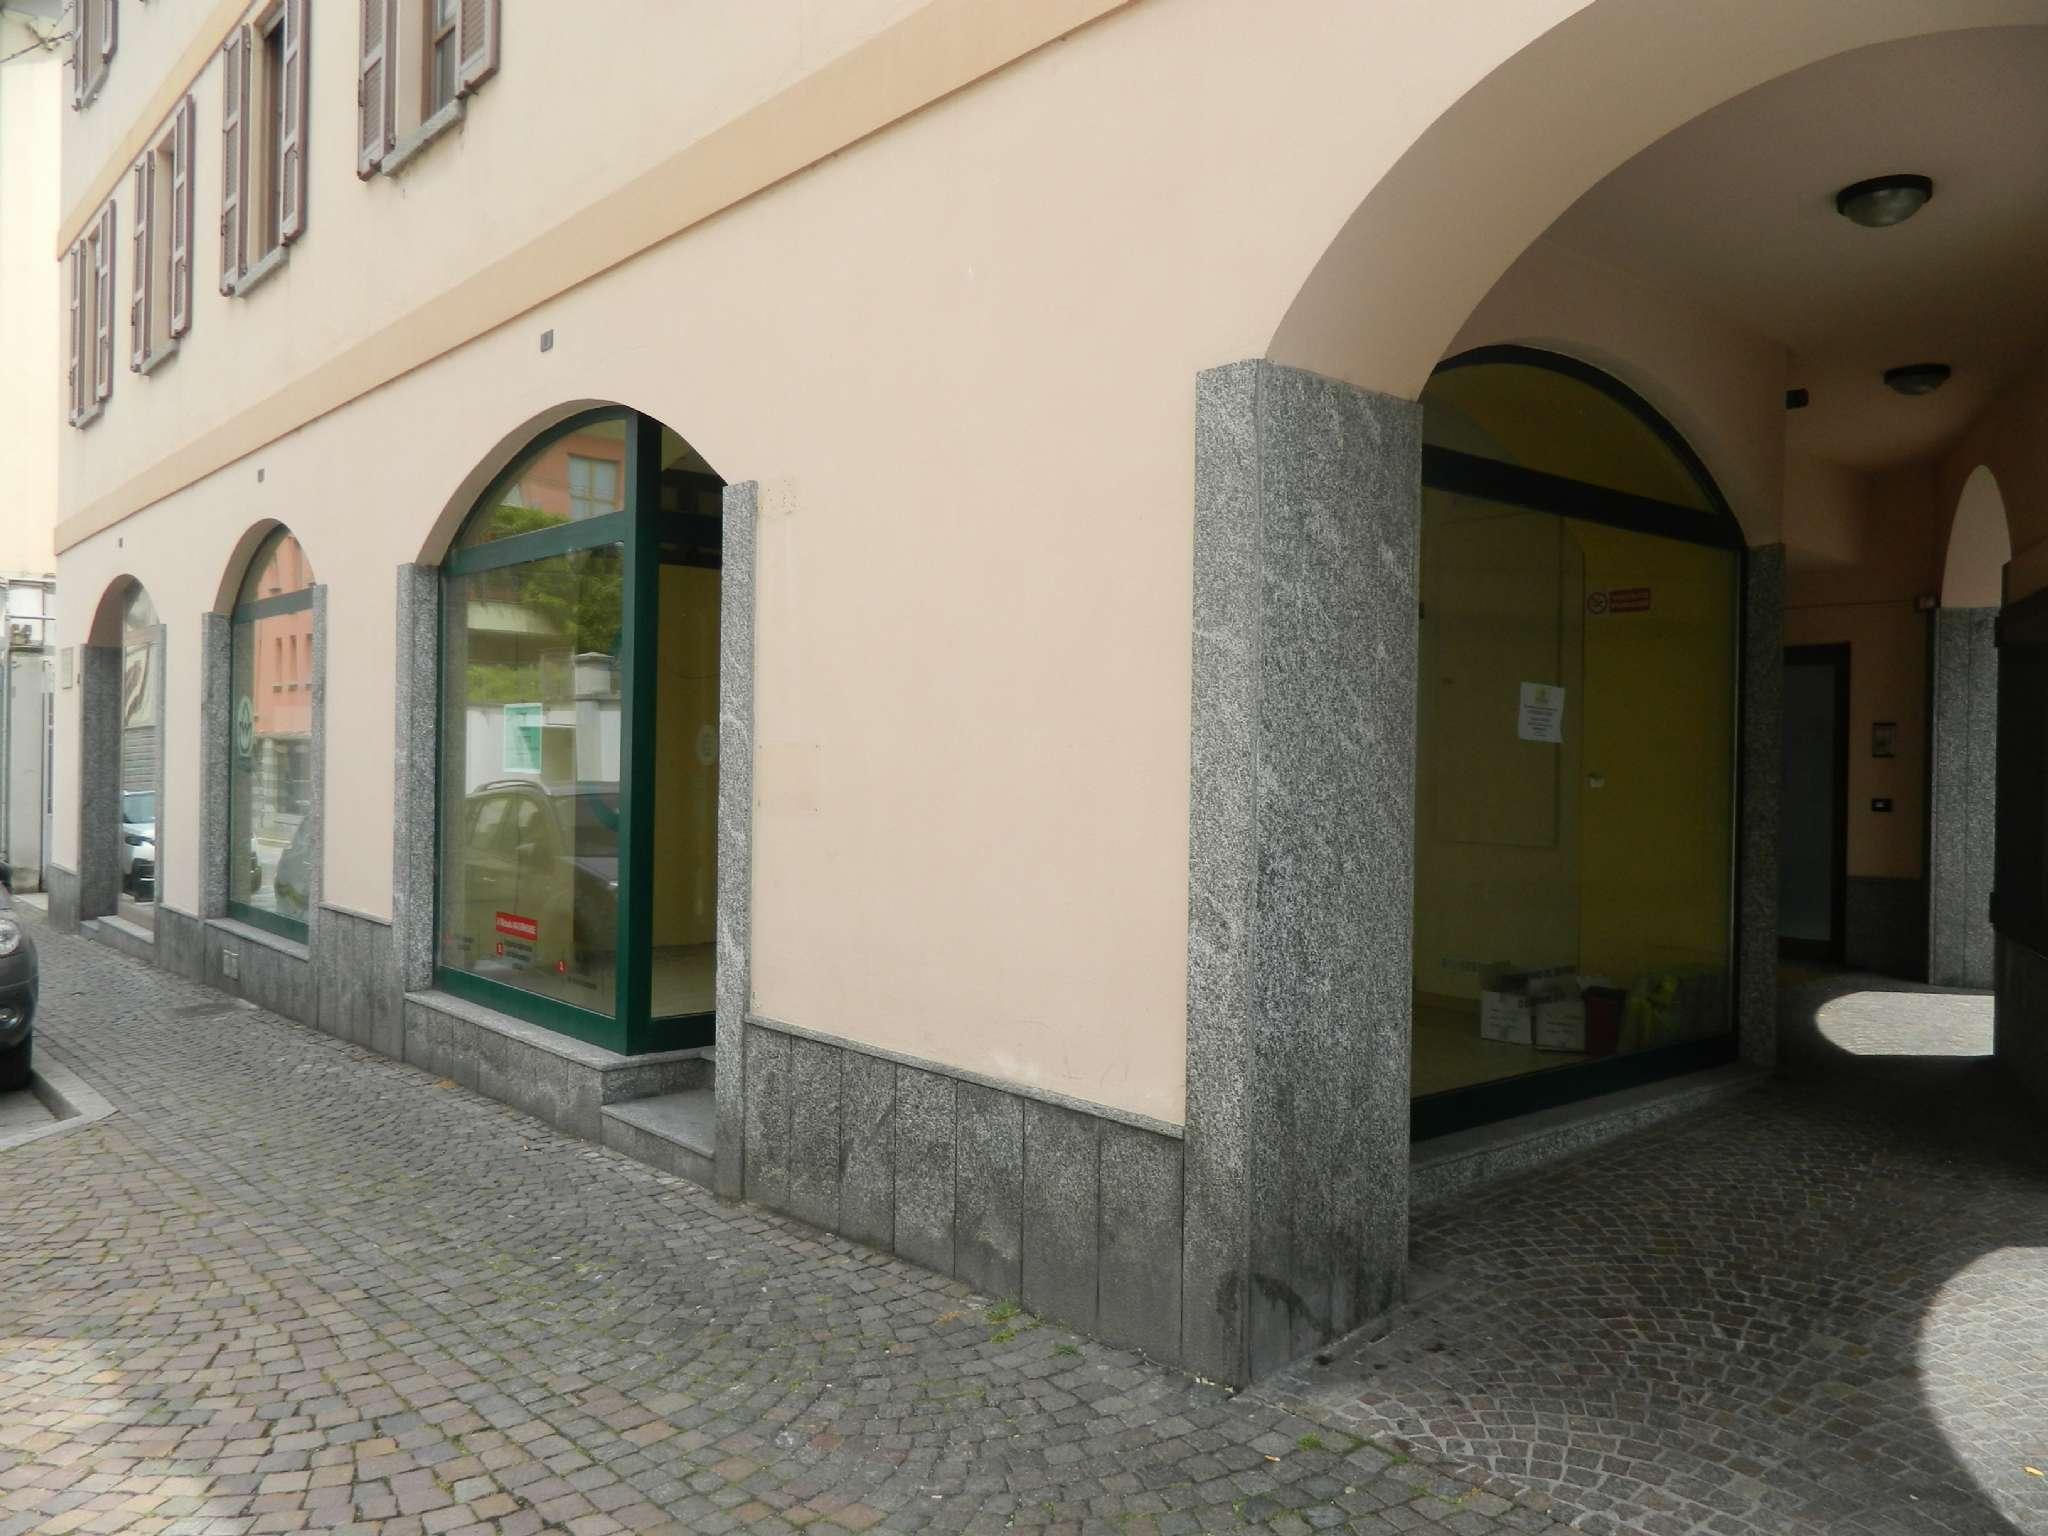 Negozio / Locale in affitto a Sondrio, 2 locali, prezzo € 900 | PortaleAgenzieImmobiliari.it